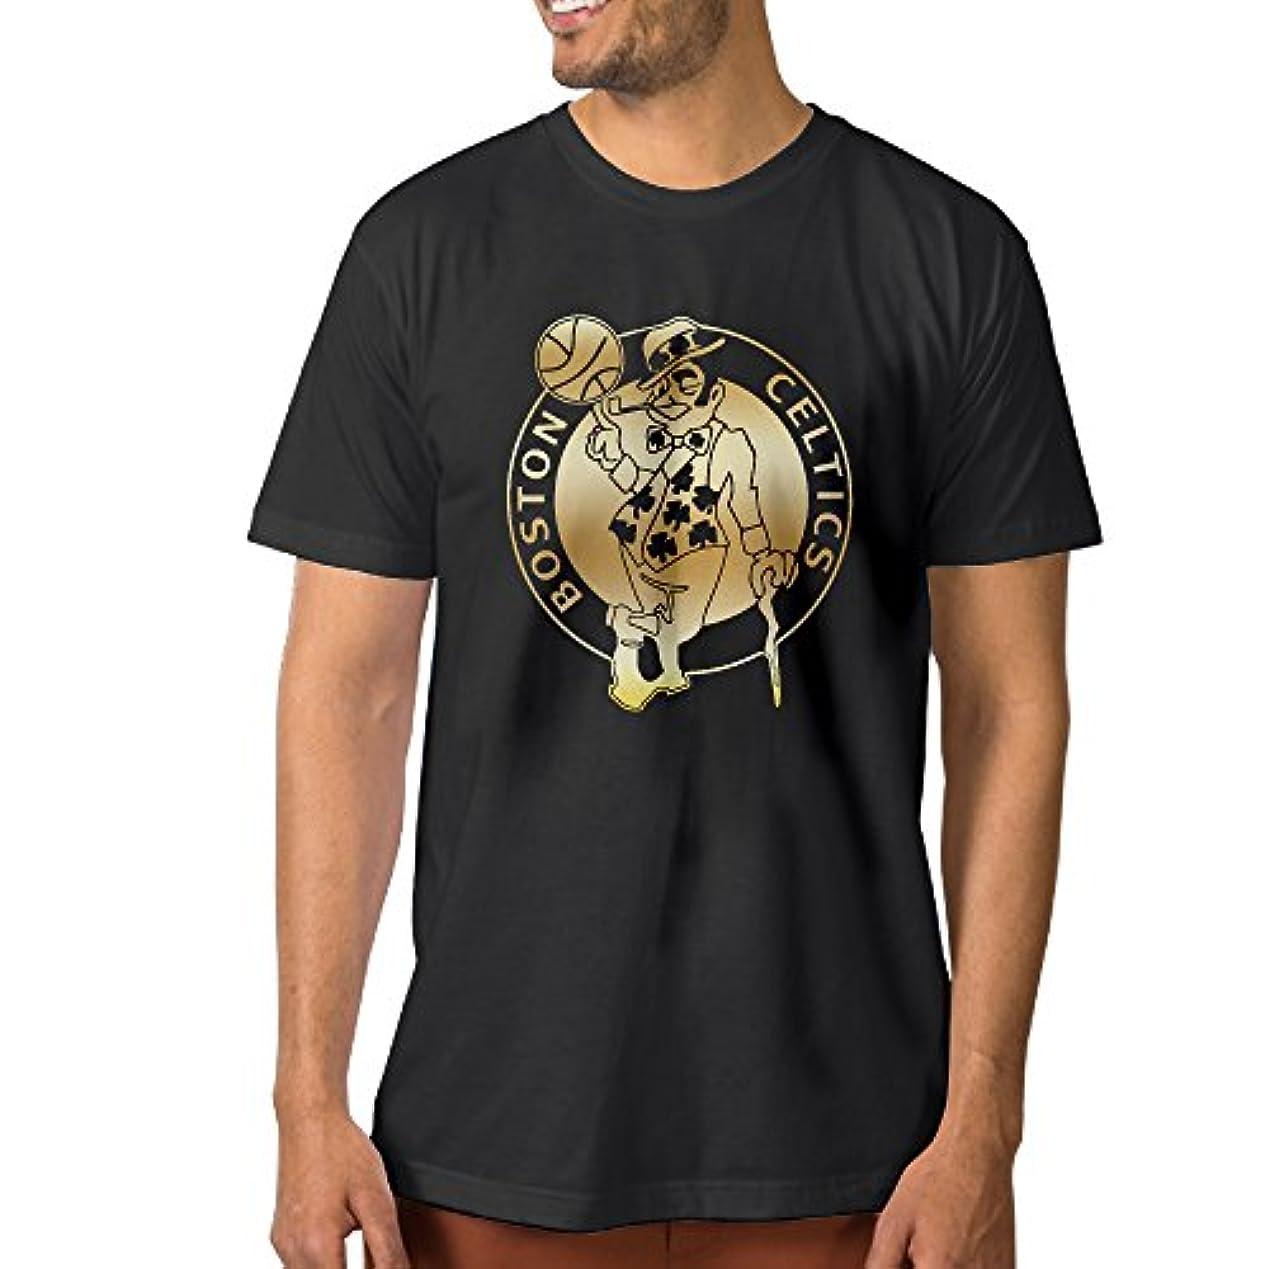 リベラルエクスタシー満足させる【エクセル】大きいサイズ ボストン?セルティックス ゴールド ロゴ Tシャツ メンズ ショートスリーブ カジュアル スポーツウェア クルーネック